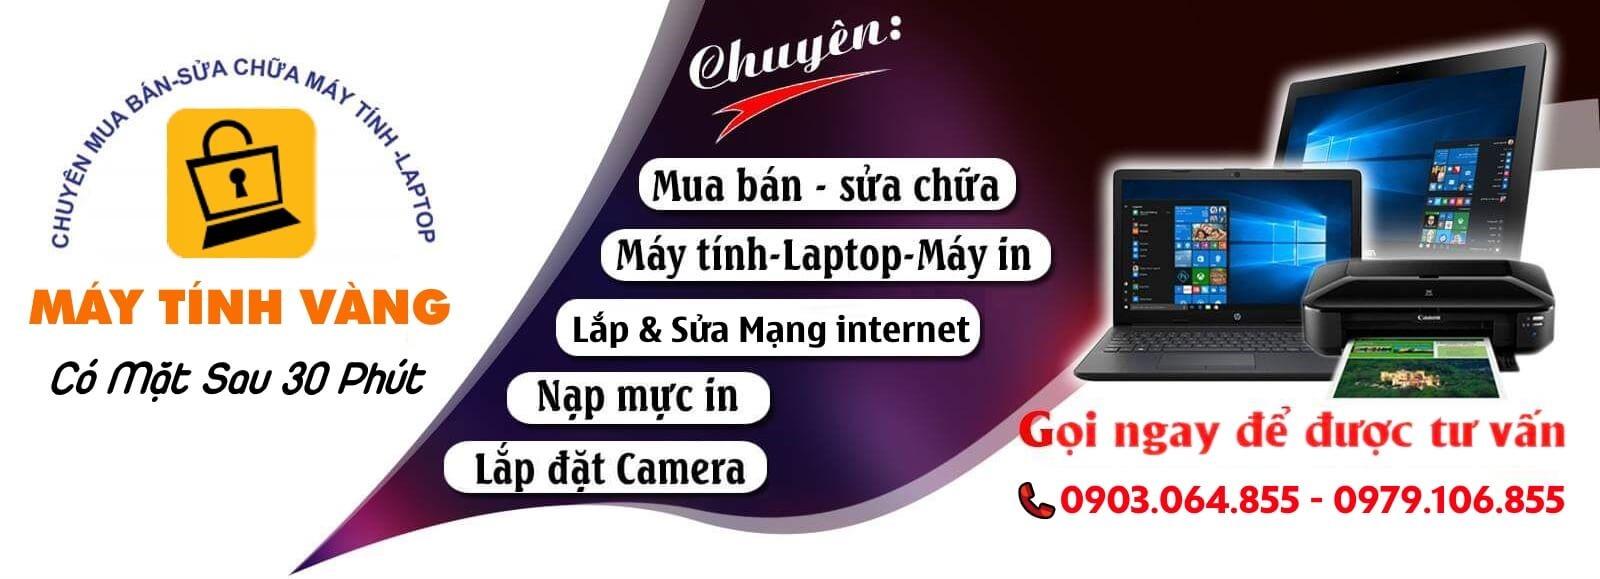 Máy Tính Vàng – Chuyên sửa laptop Tân Phú hàng đầu hiện nay.